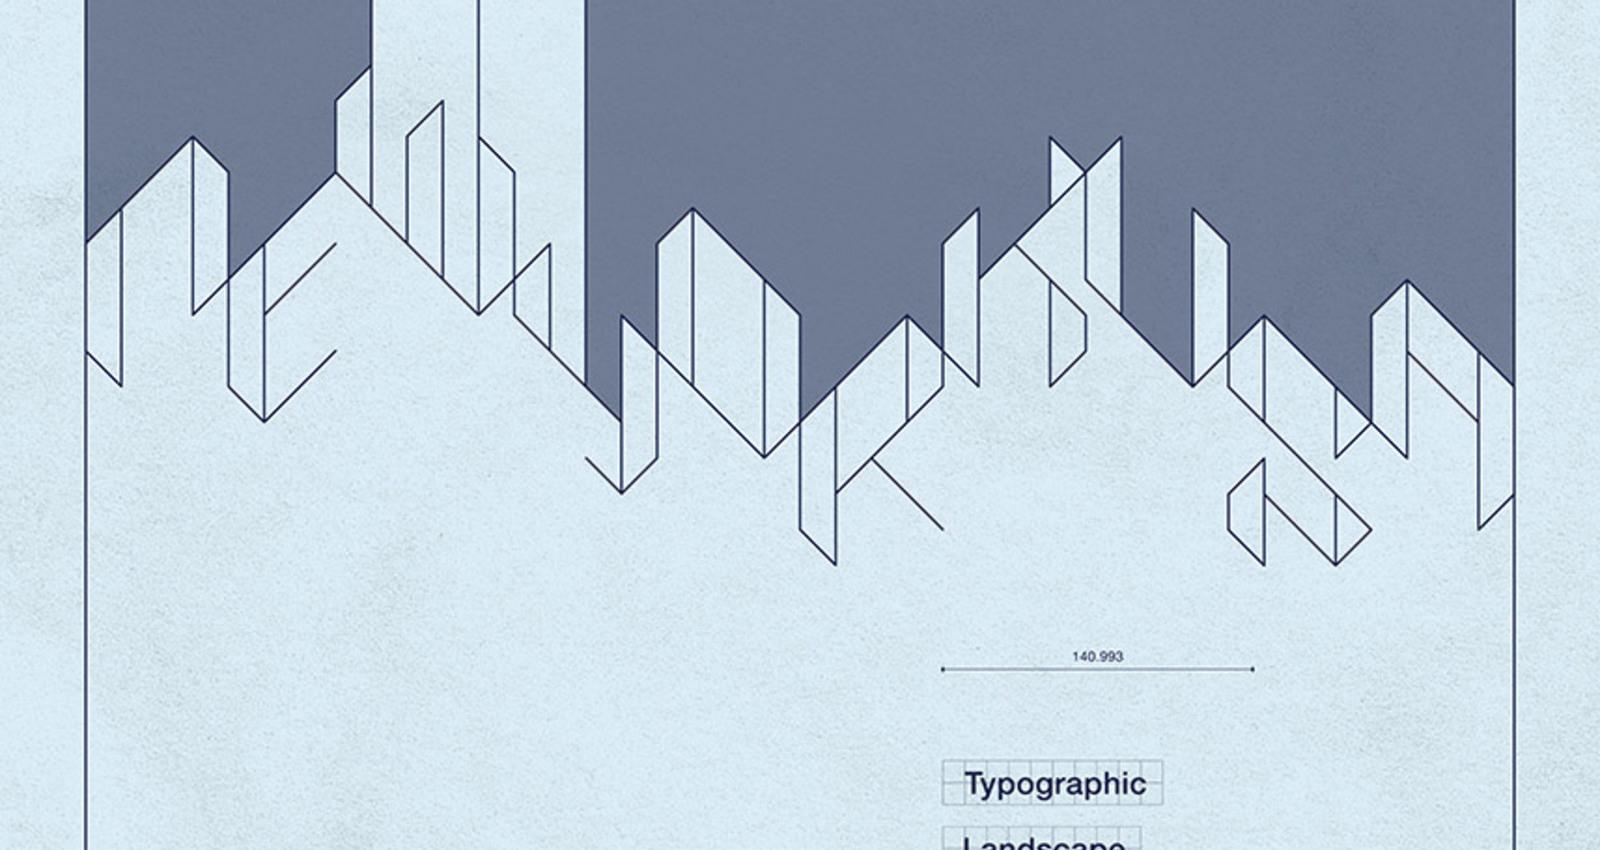 Blueprint of Typographic Landscape